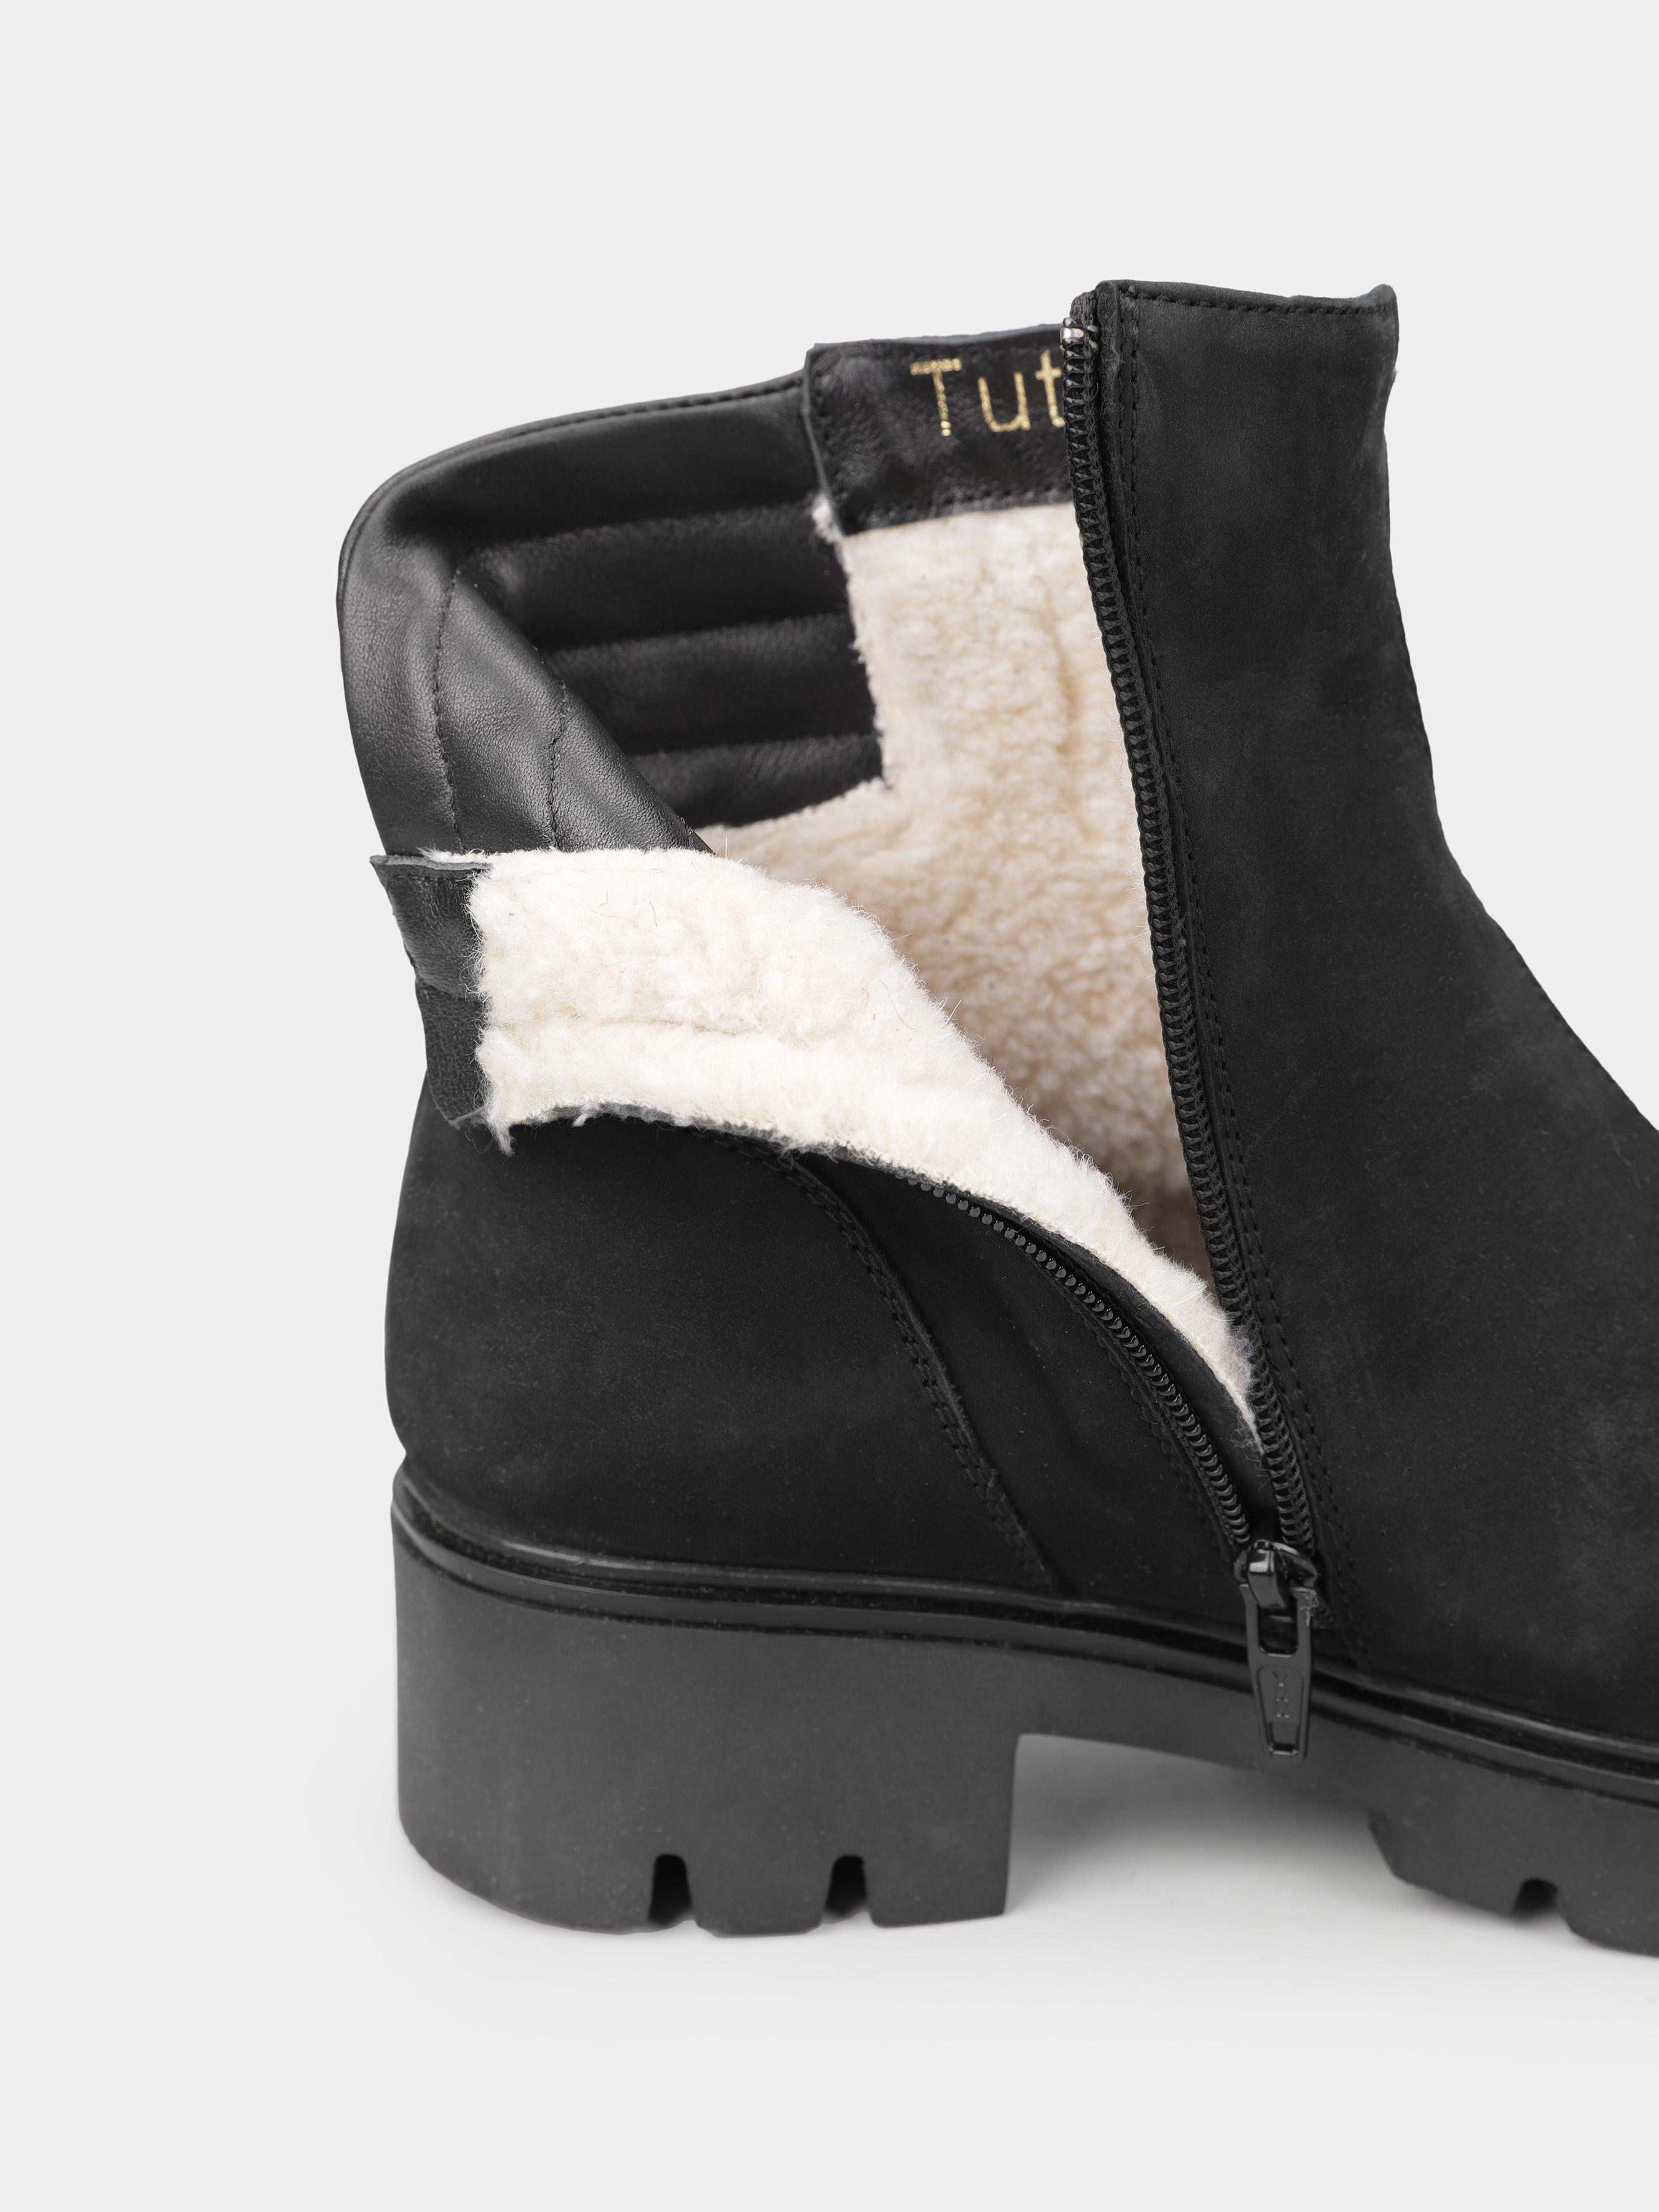 Ботинки для женщин TUTO 6L34 цена, 2017